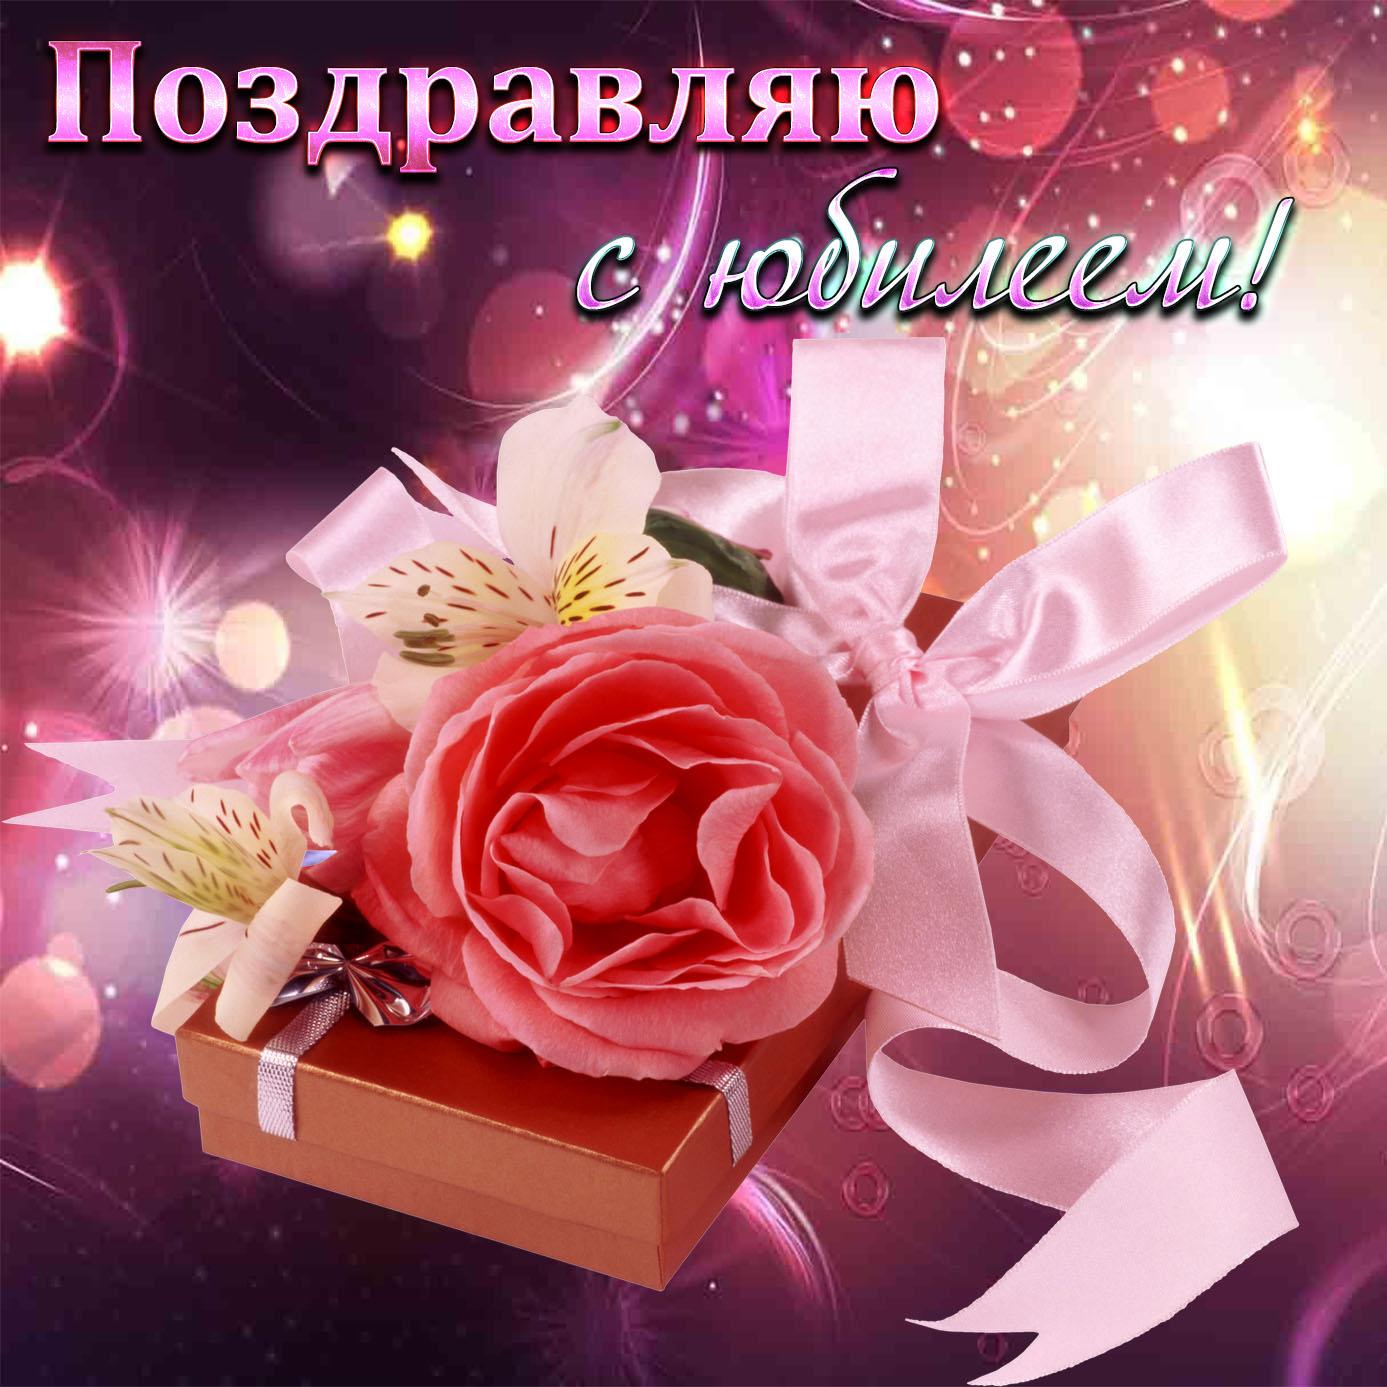 Картинка с поздравлением и красивой розой